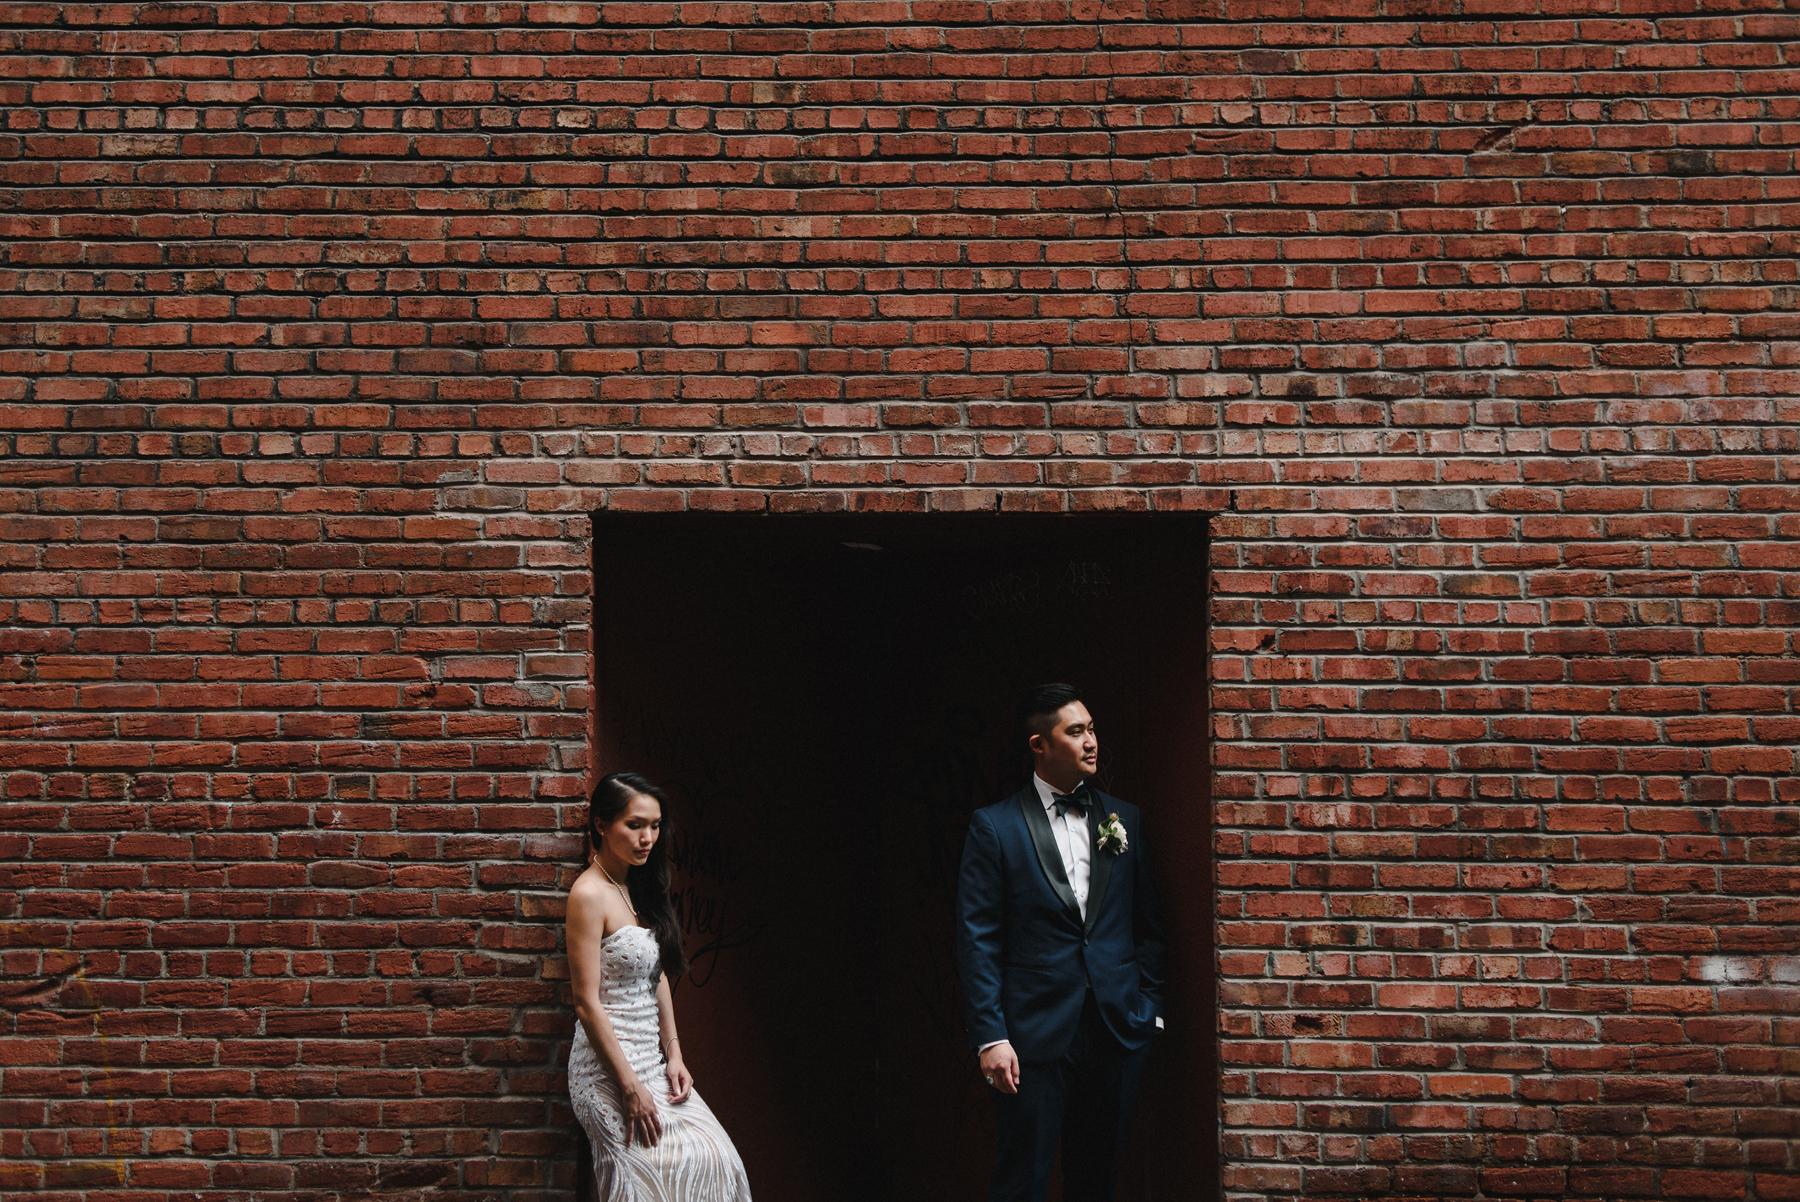 karey_clarence_wedding_blog_03.JPG